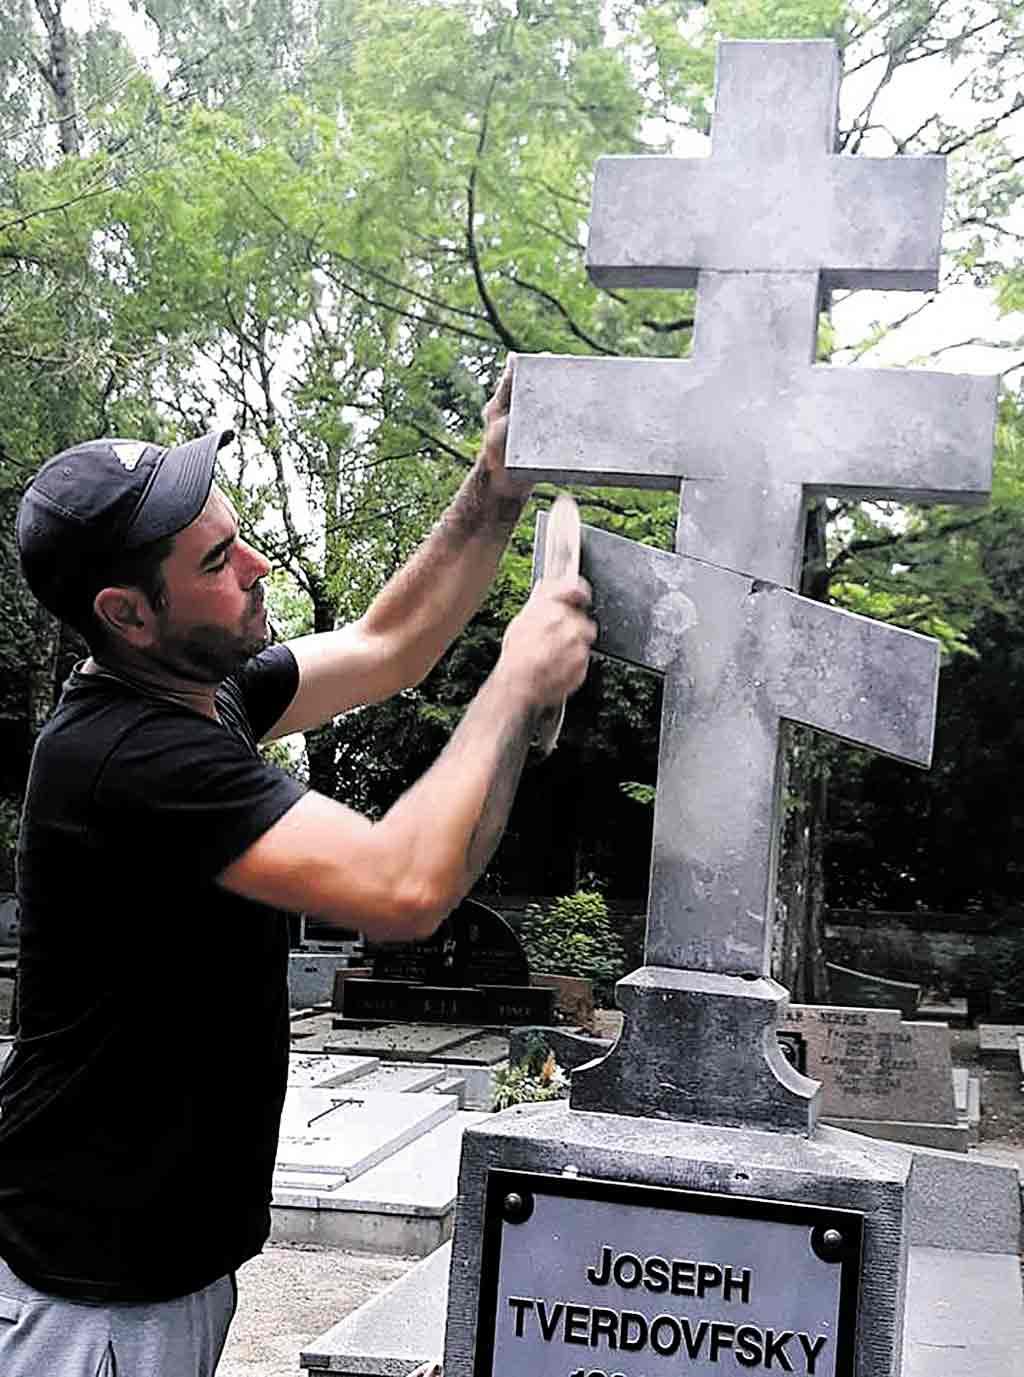 Як врятувати могилу героя? Надгробок коменданта УНР у Люксембурзі в аварійному стані